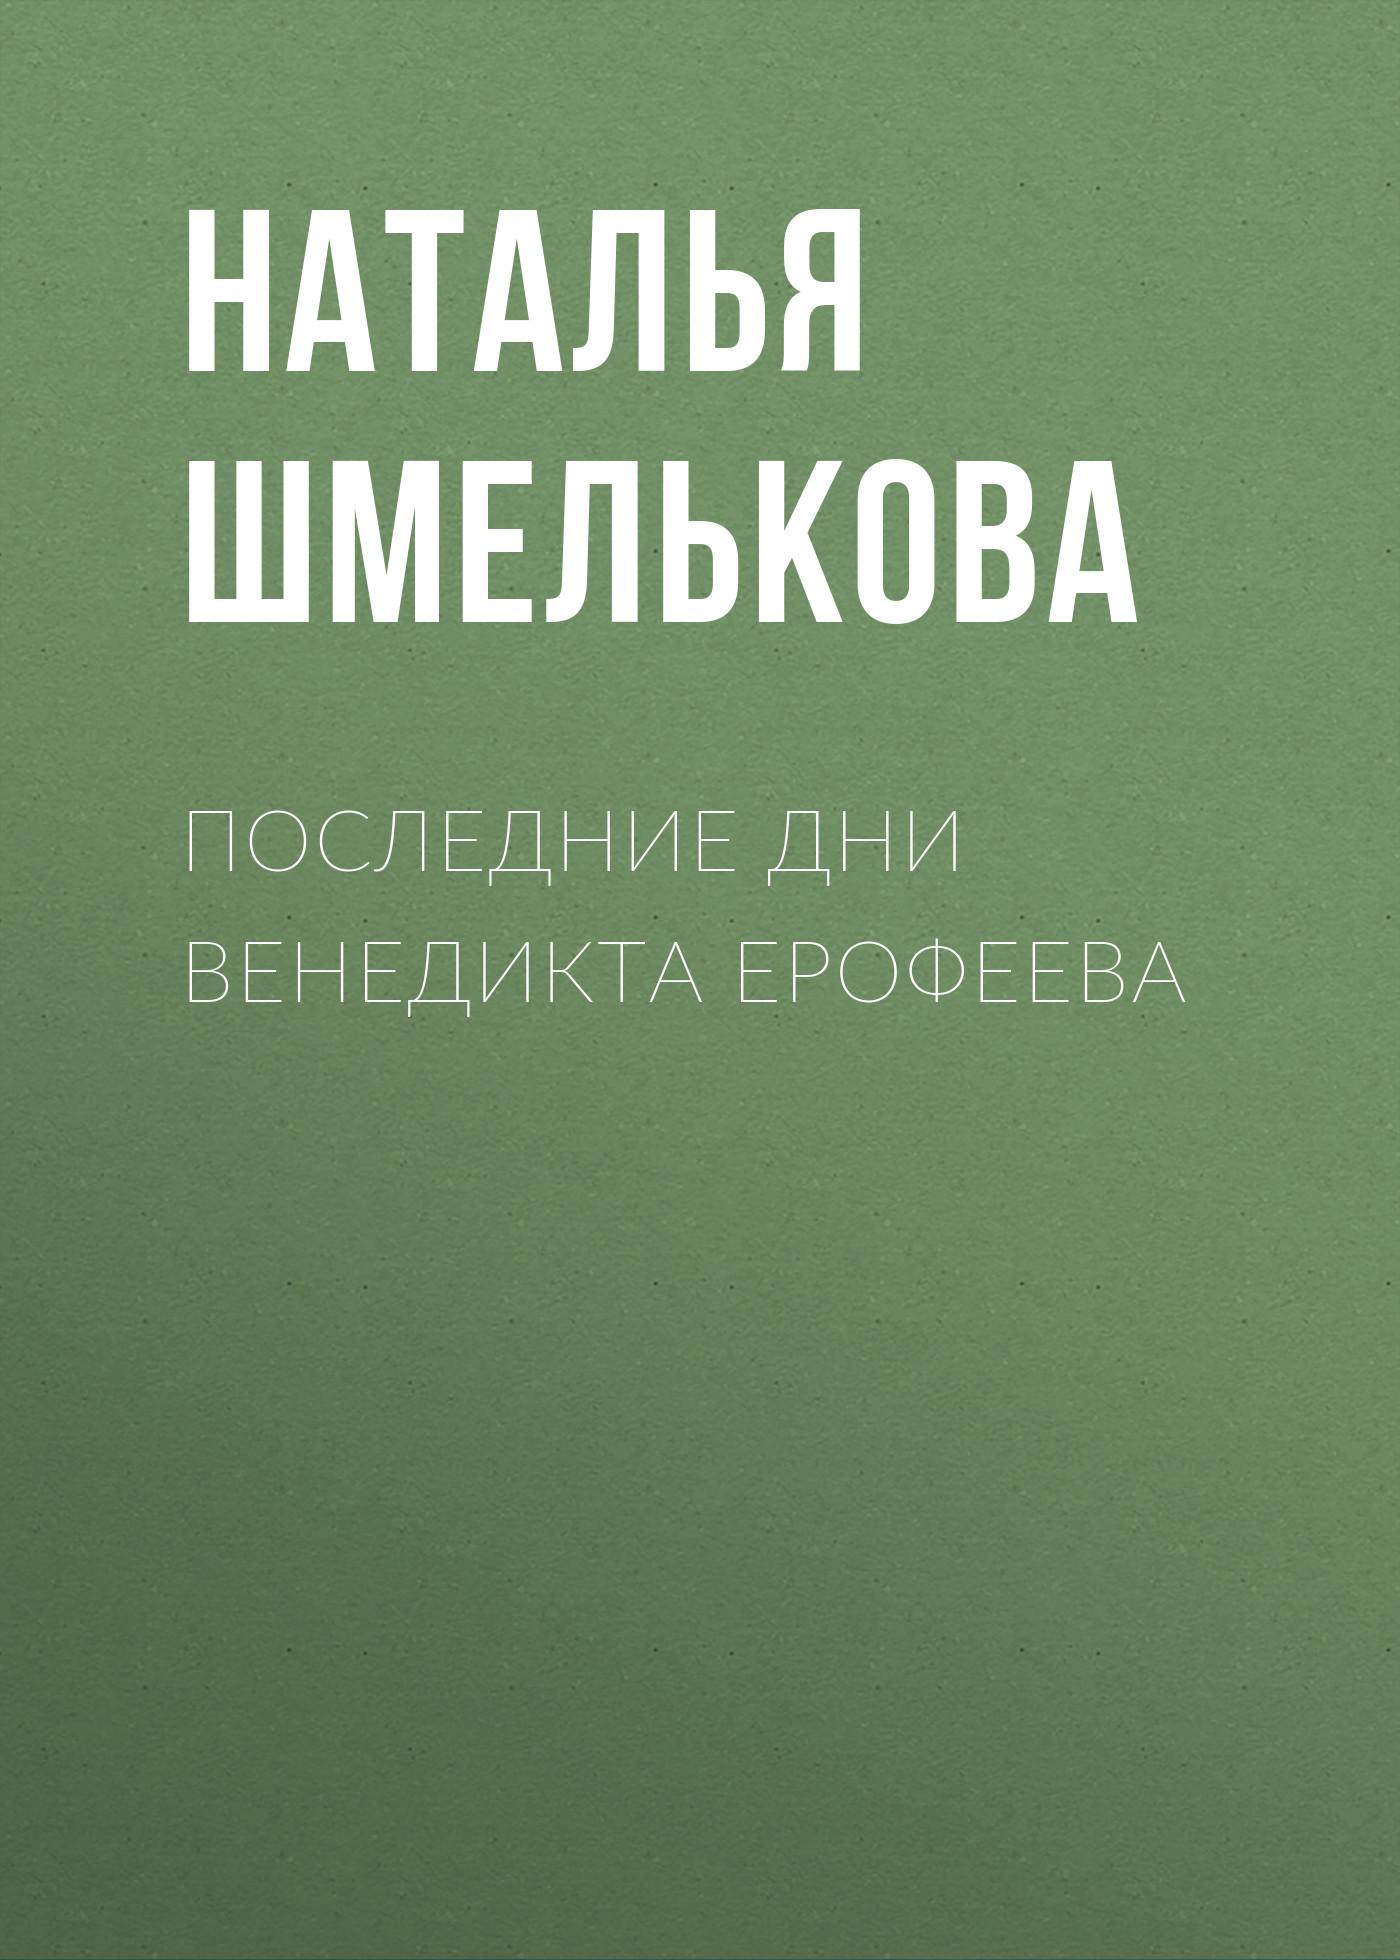 Последние дни Венедикта Ерофеева